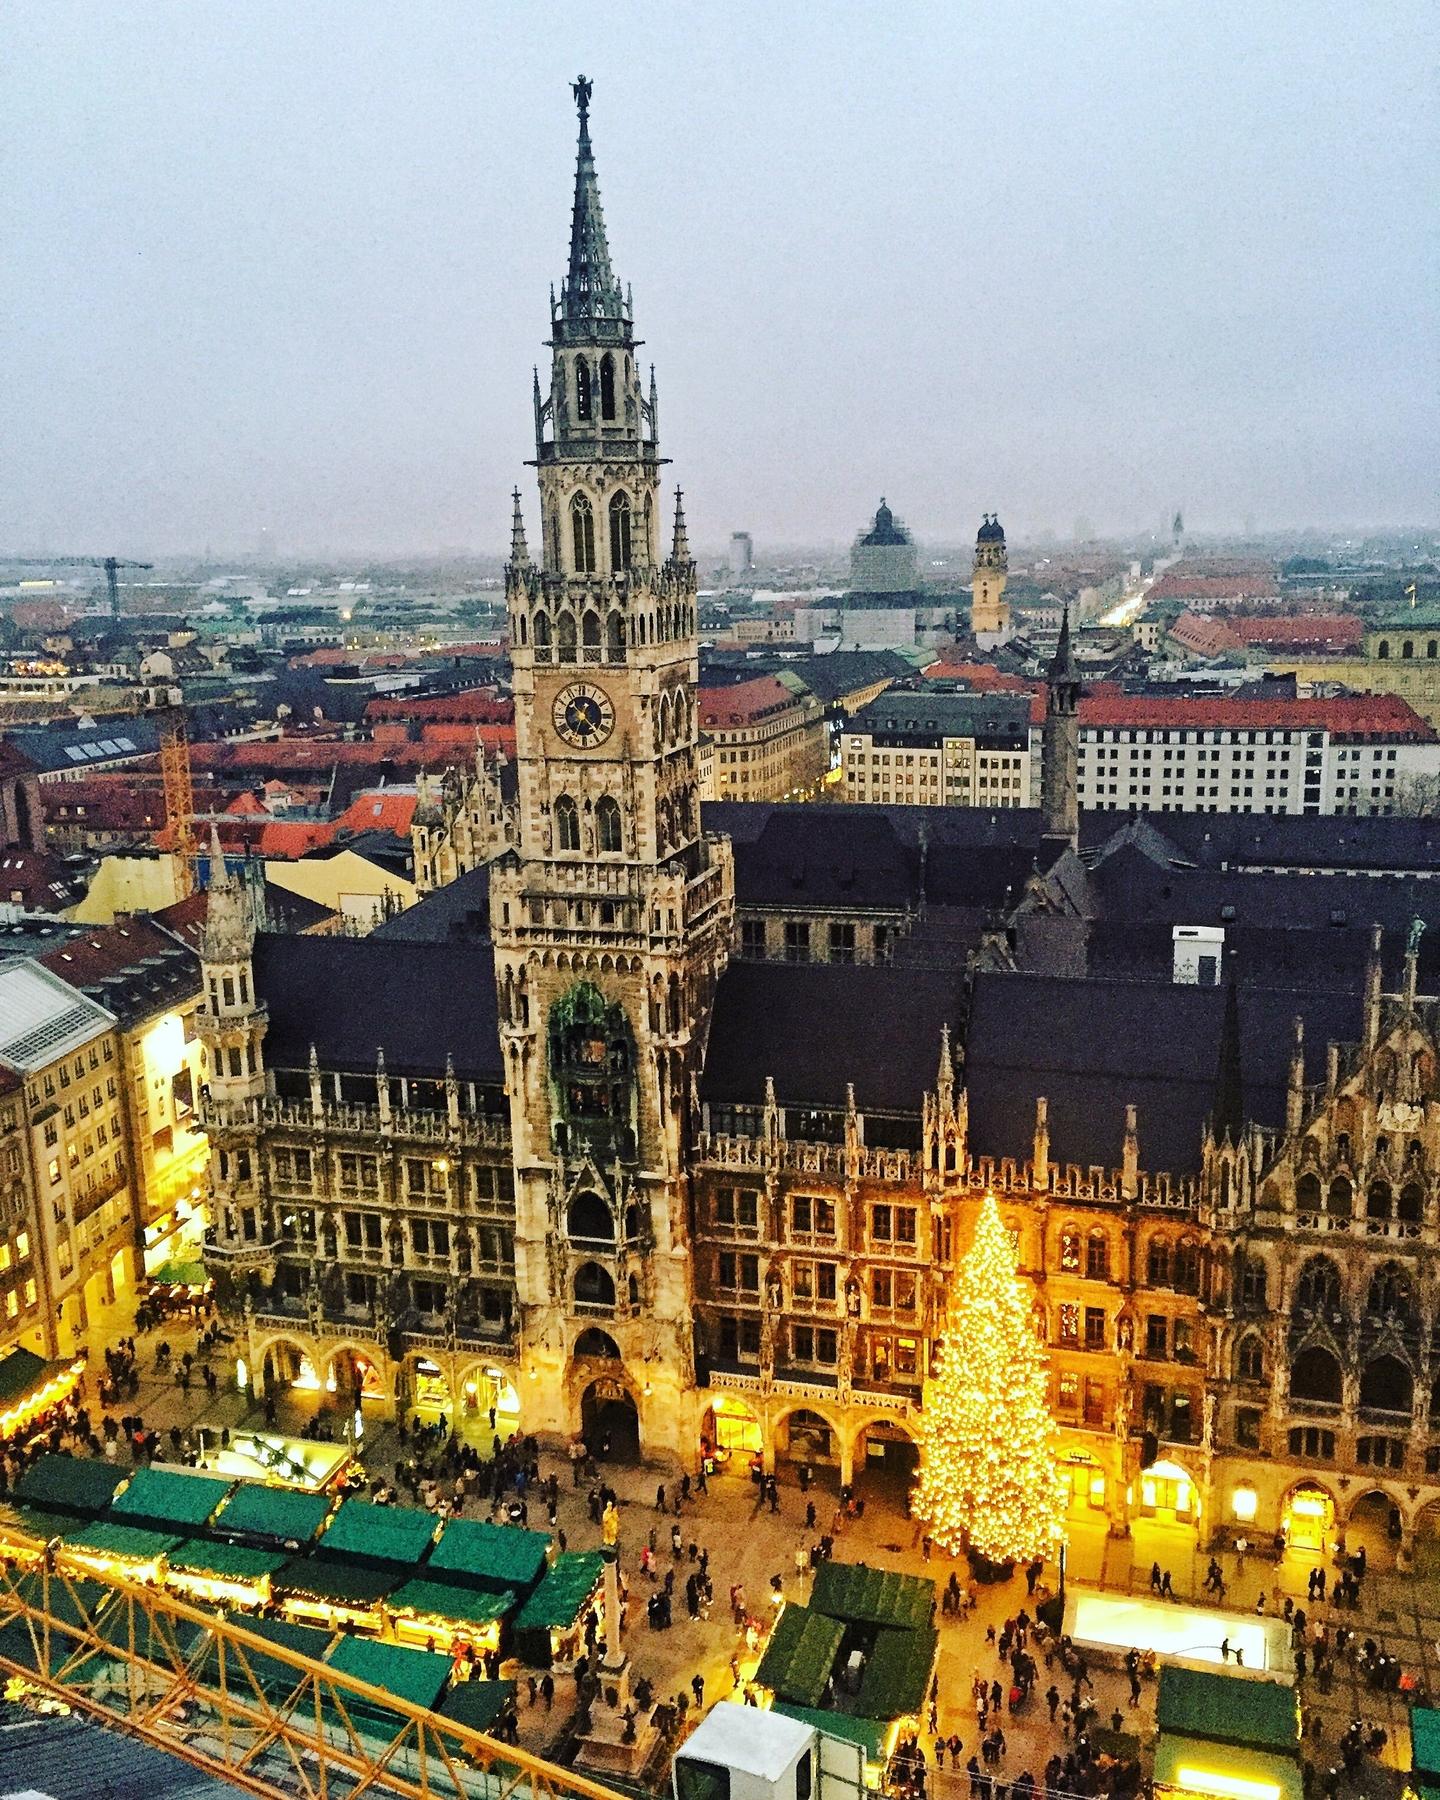 H Marienplatz του Μονάχου στολισμένη τα Χριστούγεννα - πού να πάτε ταξίδι τον Δεκέμβριο